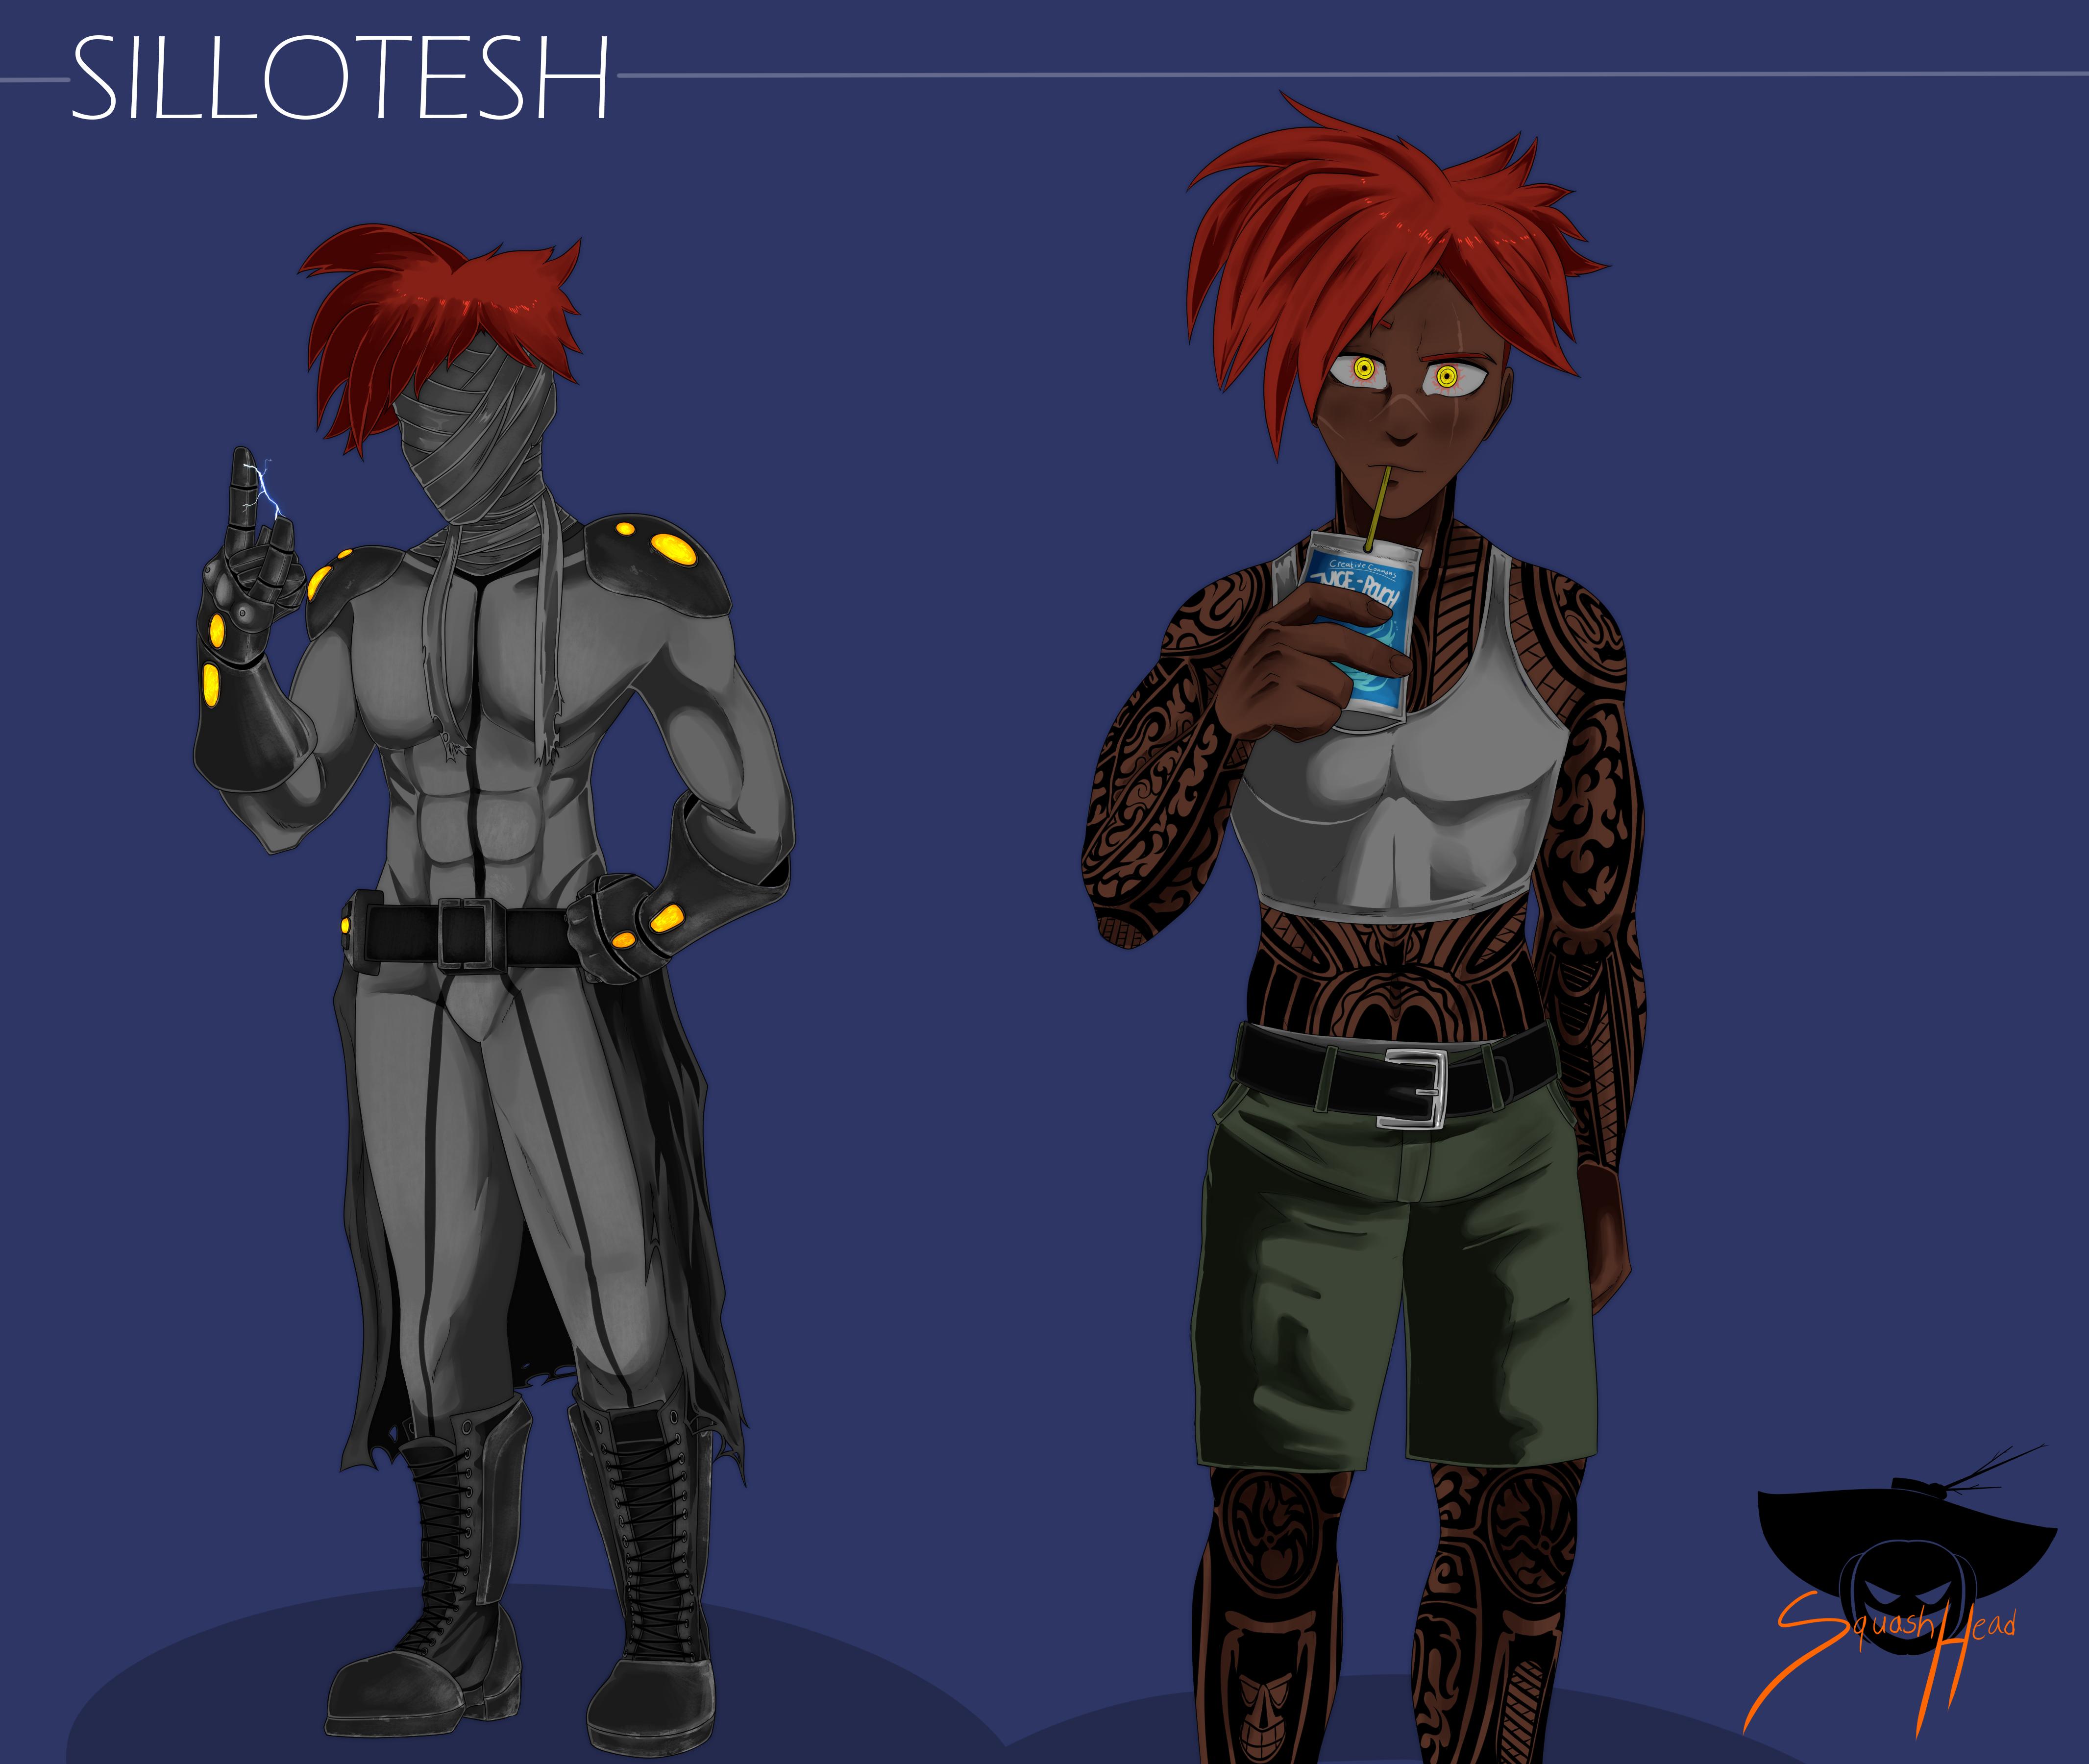 Sillotesh (DappaNAM) character